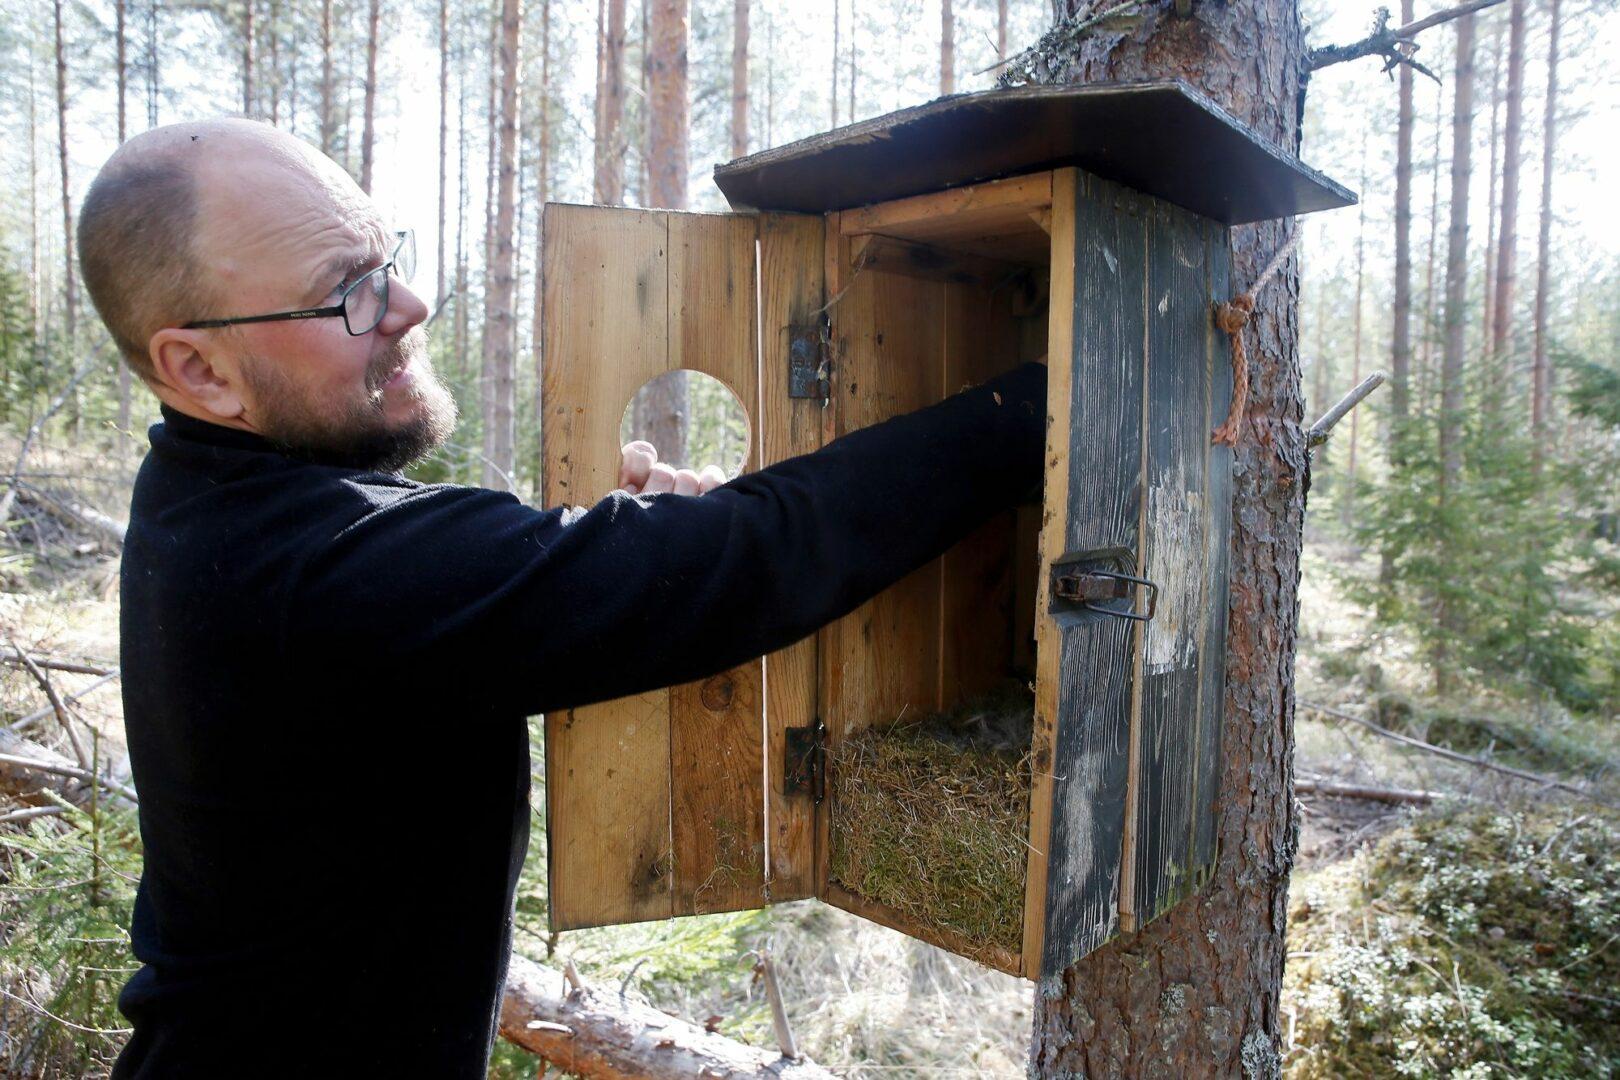 Lintujen loiset viihtyvät pesissä. Niinpä pöntöt kannattaa puhdistaa syksyllä. © Jere Malinen